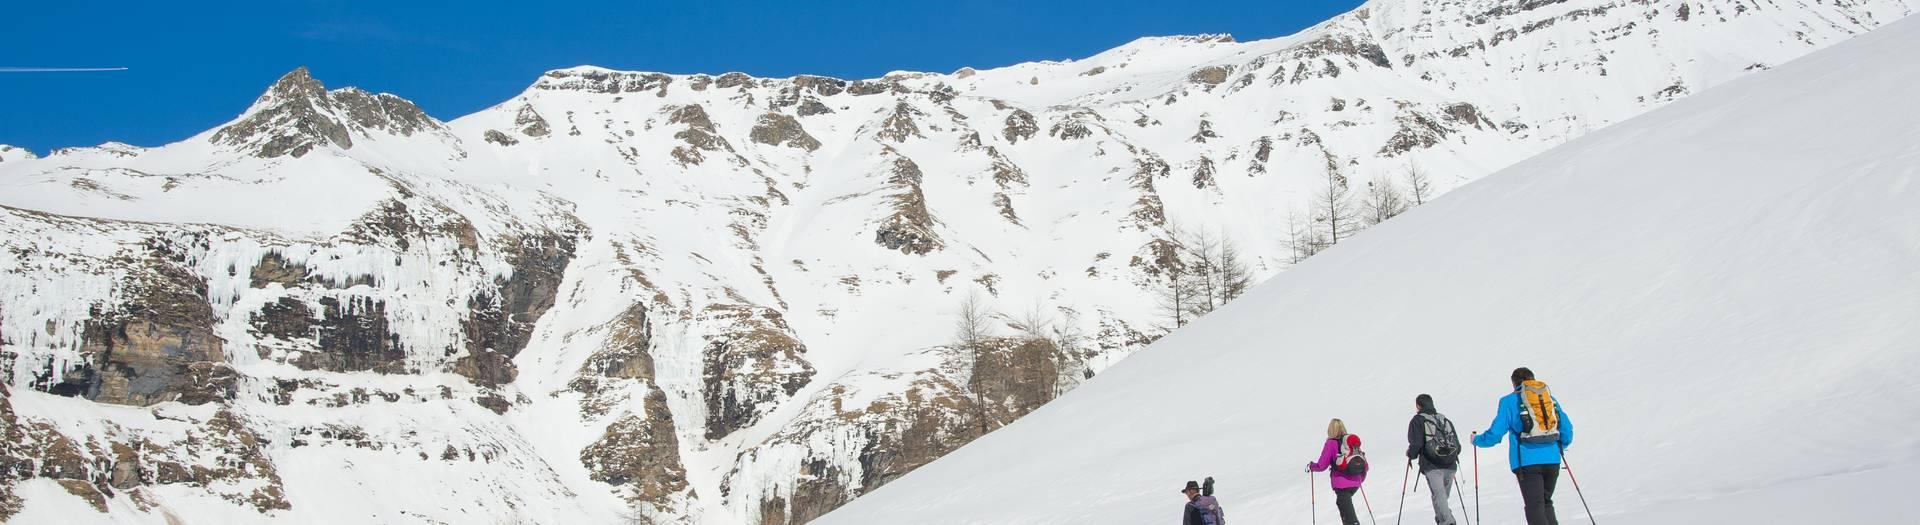 Schneeschuhwanderung Wildtierbeobachtung Hohe Tauern